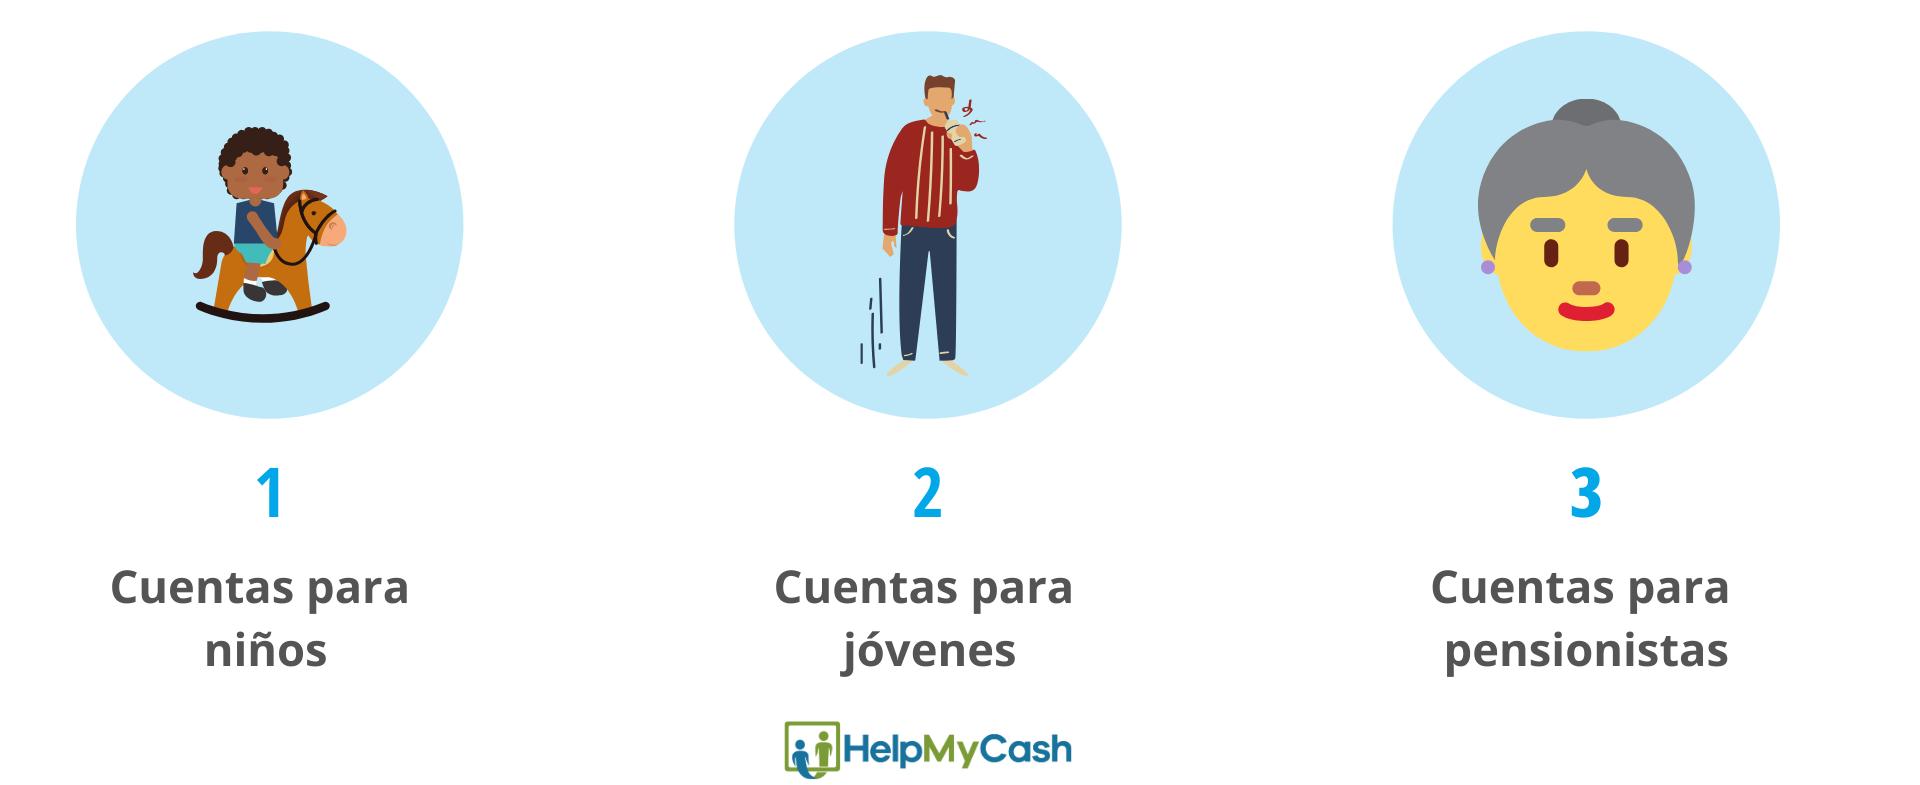 tipos de cuentas bancarias. 1- cuenta bancaria para niños. 2- cuenta bancaria para jóvenes. 3- cuenta bancaria para pensionistas